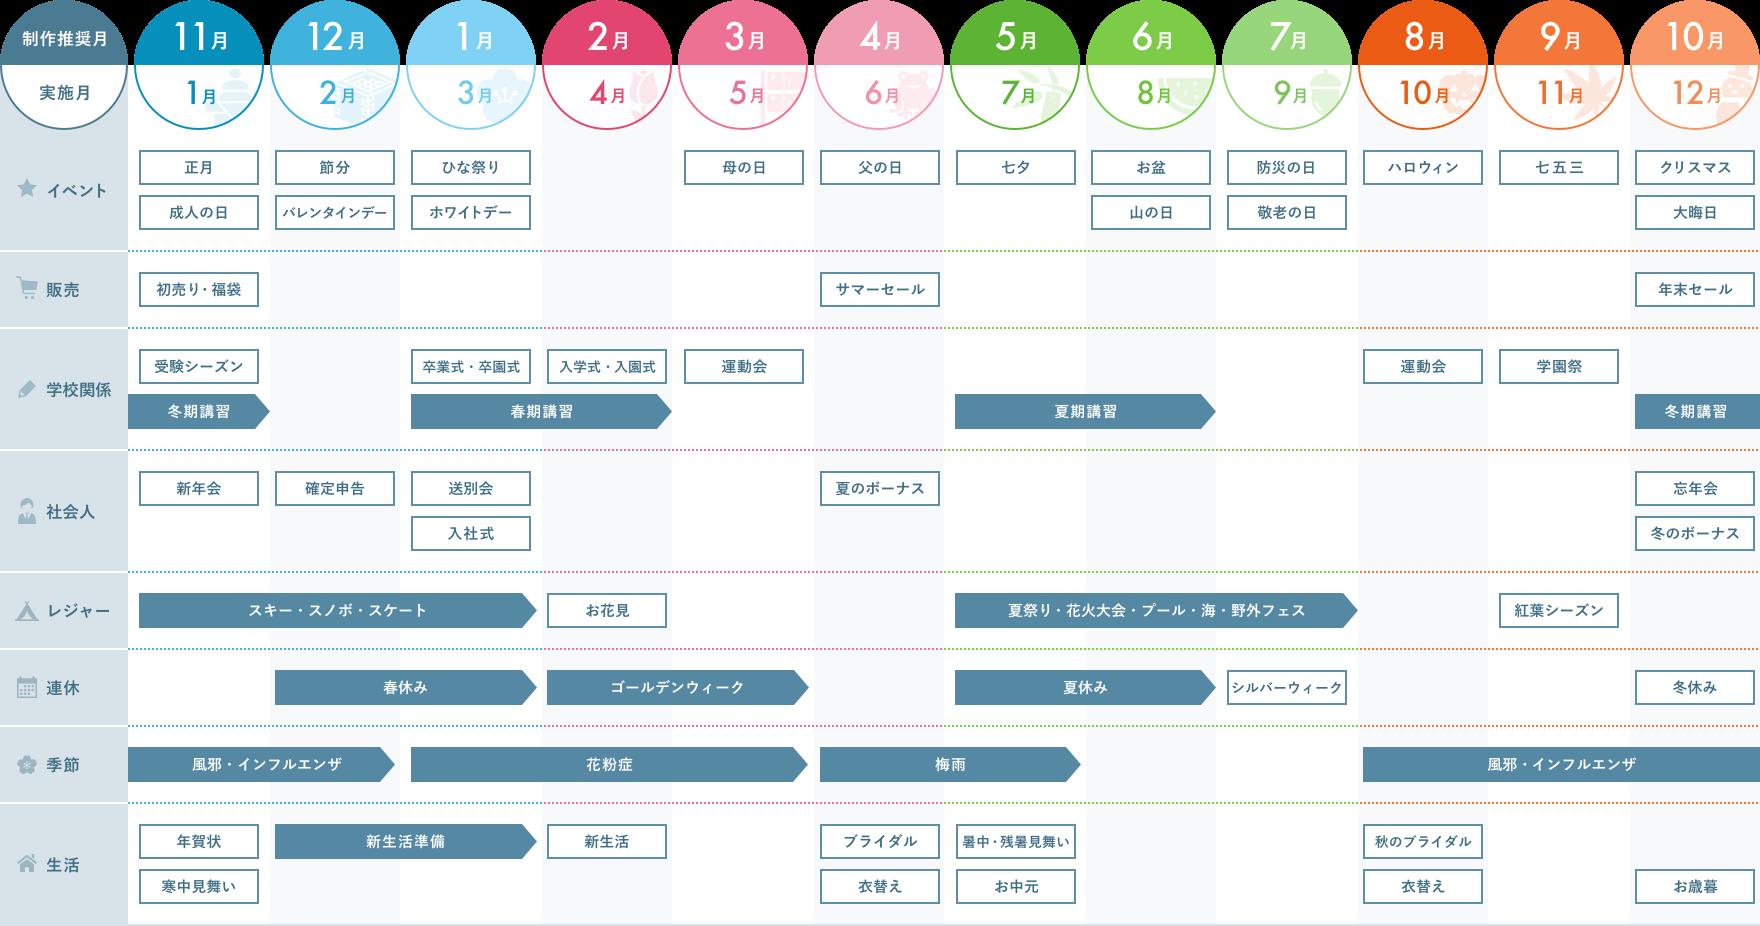 年間販促カレンダー